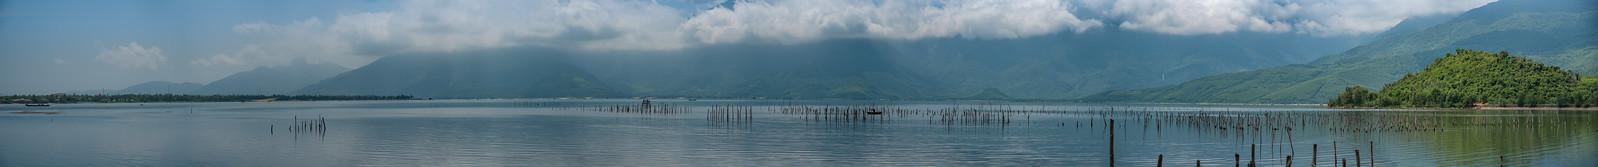 174 MP Panorama lake in Vietnam